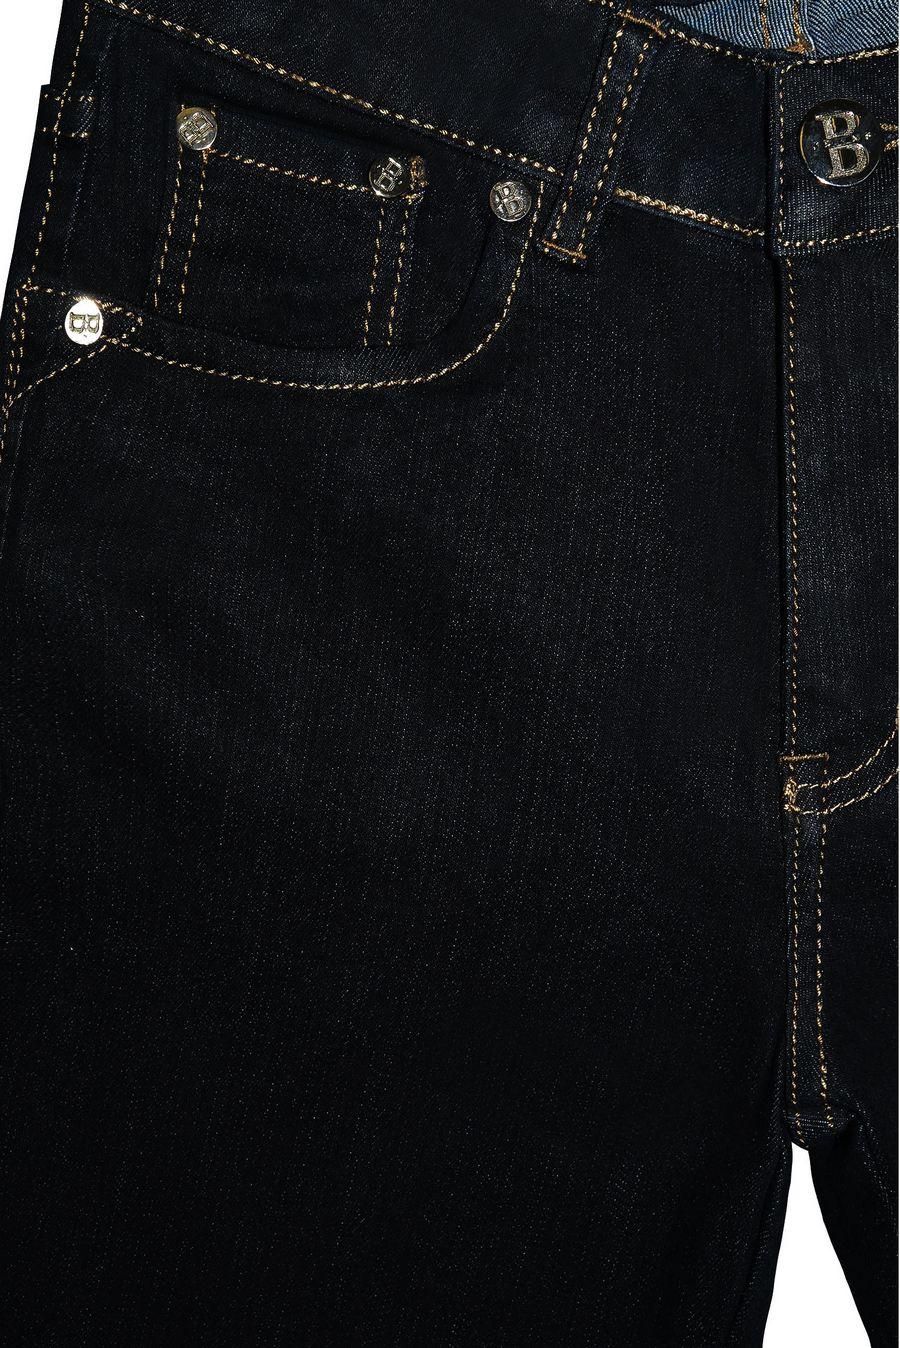 Джинсы женские Bicstar 9987-1/55 - фото 3